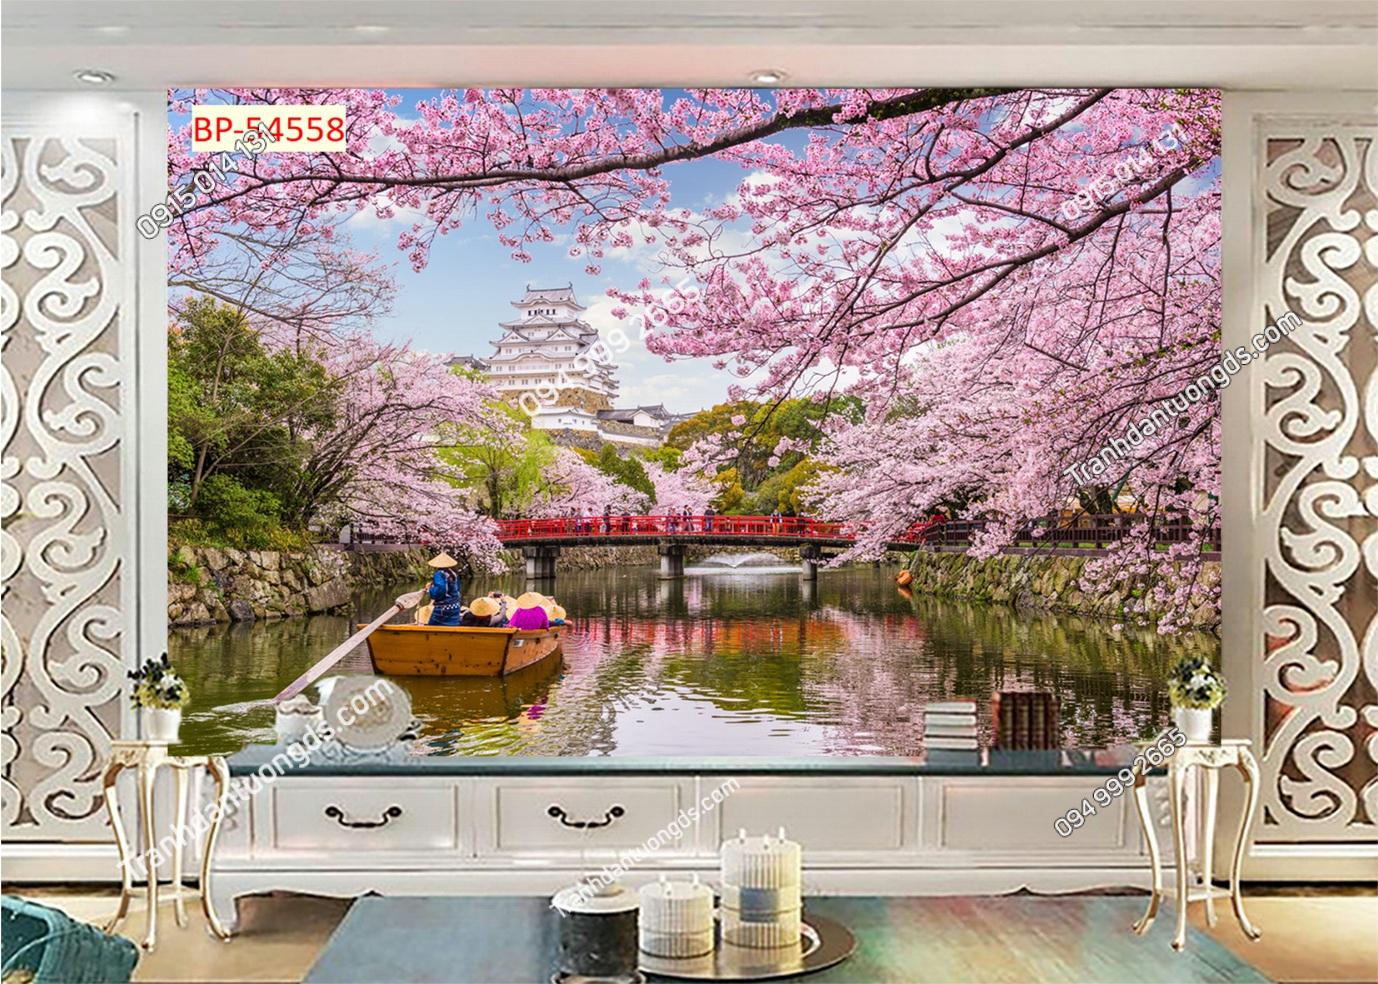 Tranh tường hoa anh đào Nhật Bản 54558